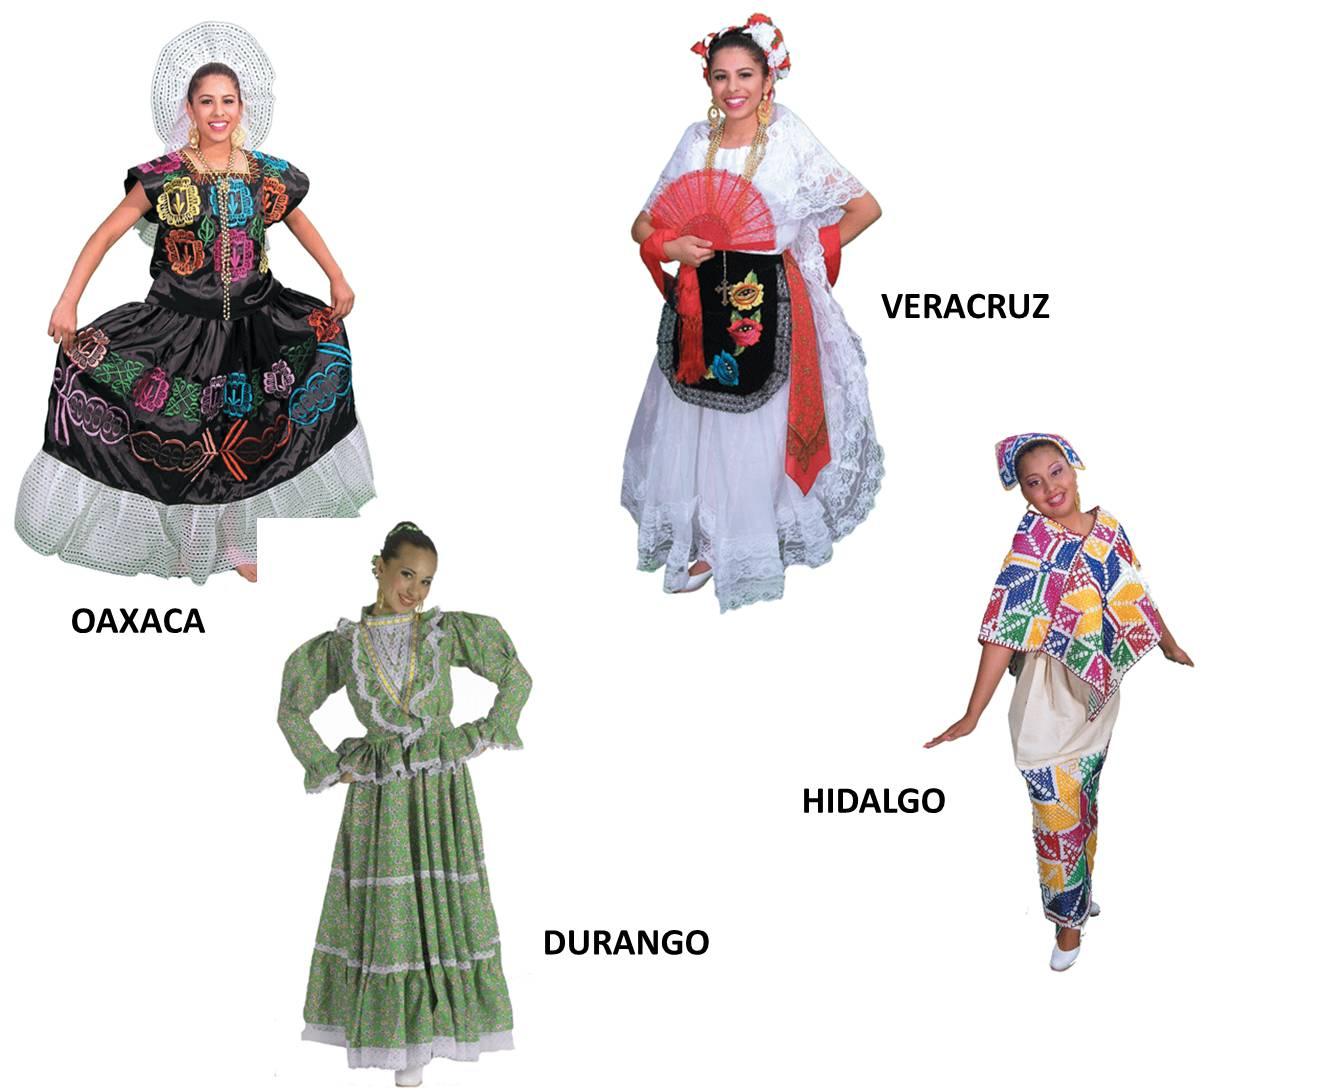 Renta de vestidos de jarocha en veracruz